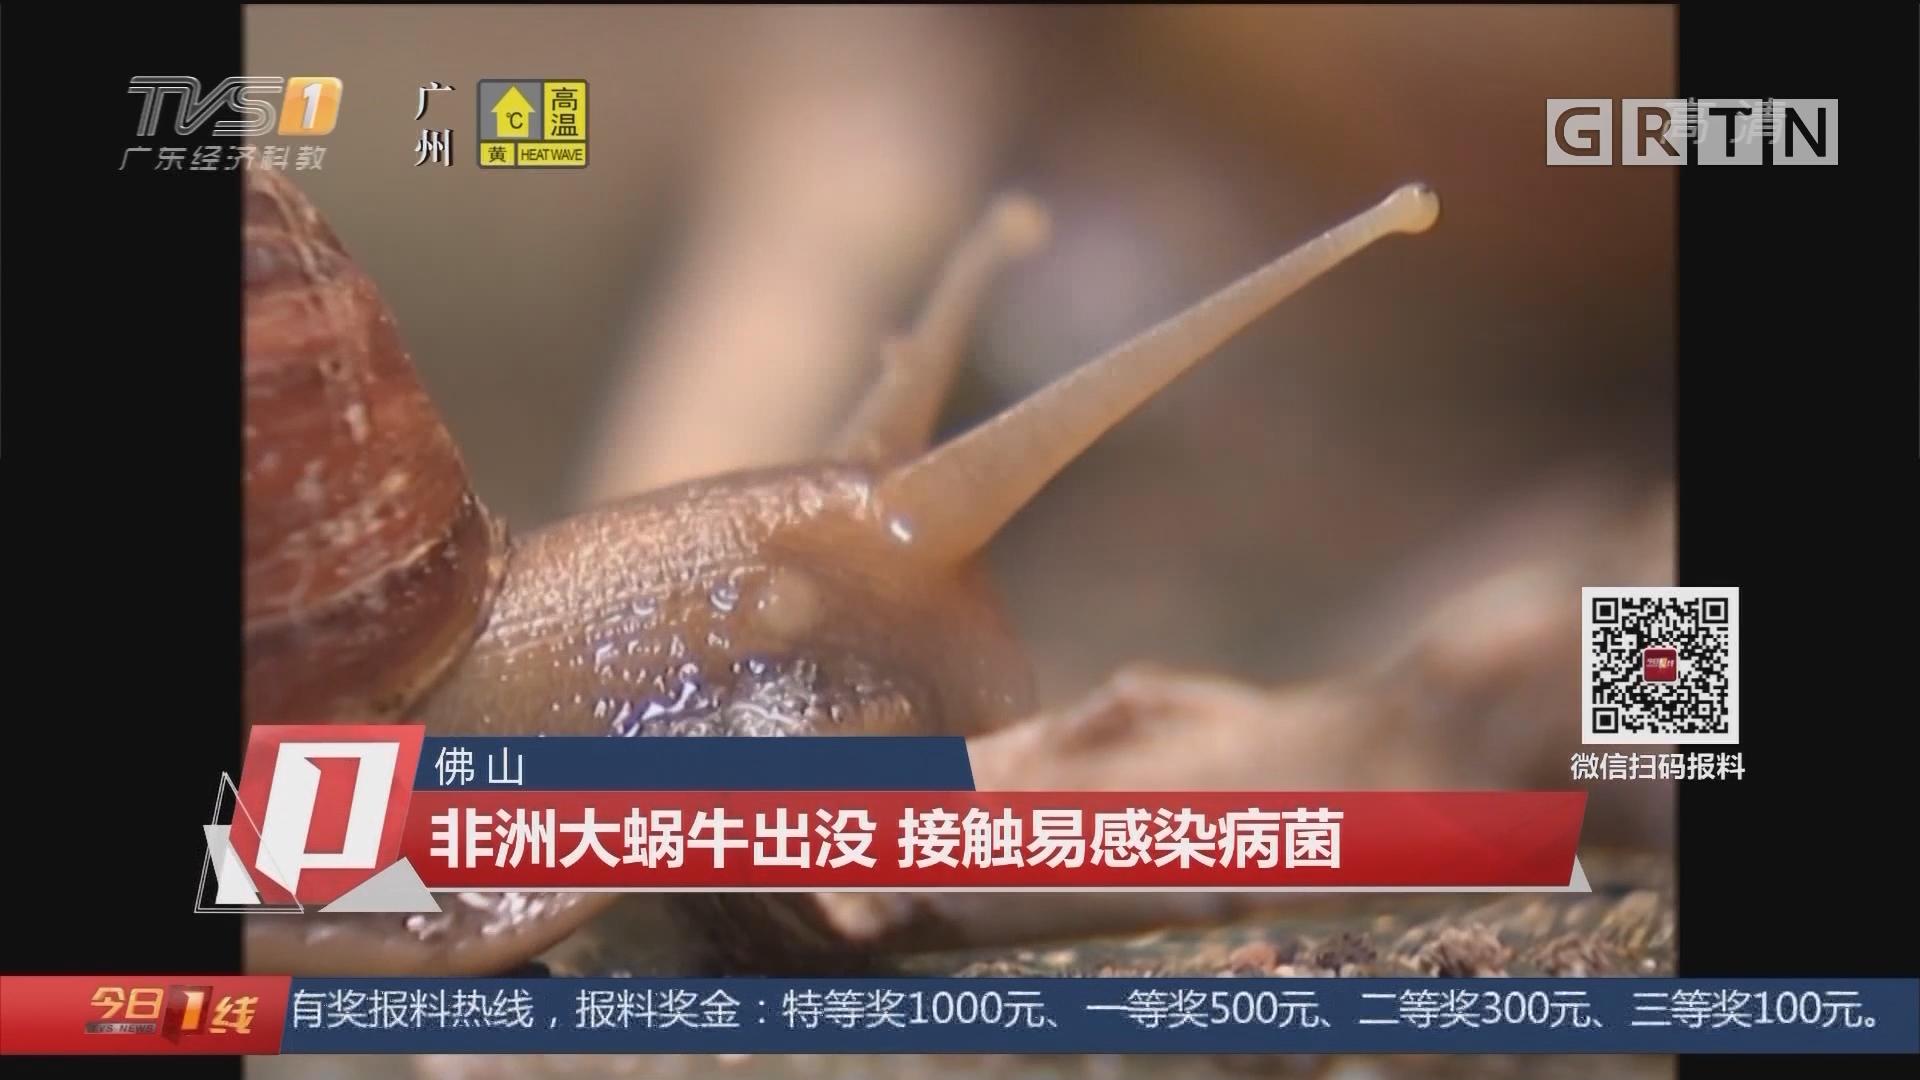 佛山:非洲大蜗牛出没 接触易感染病菌